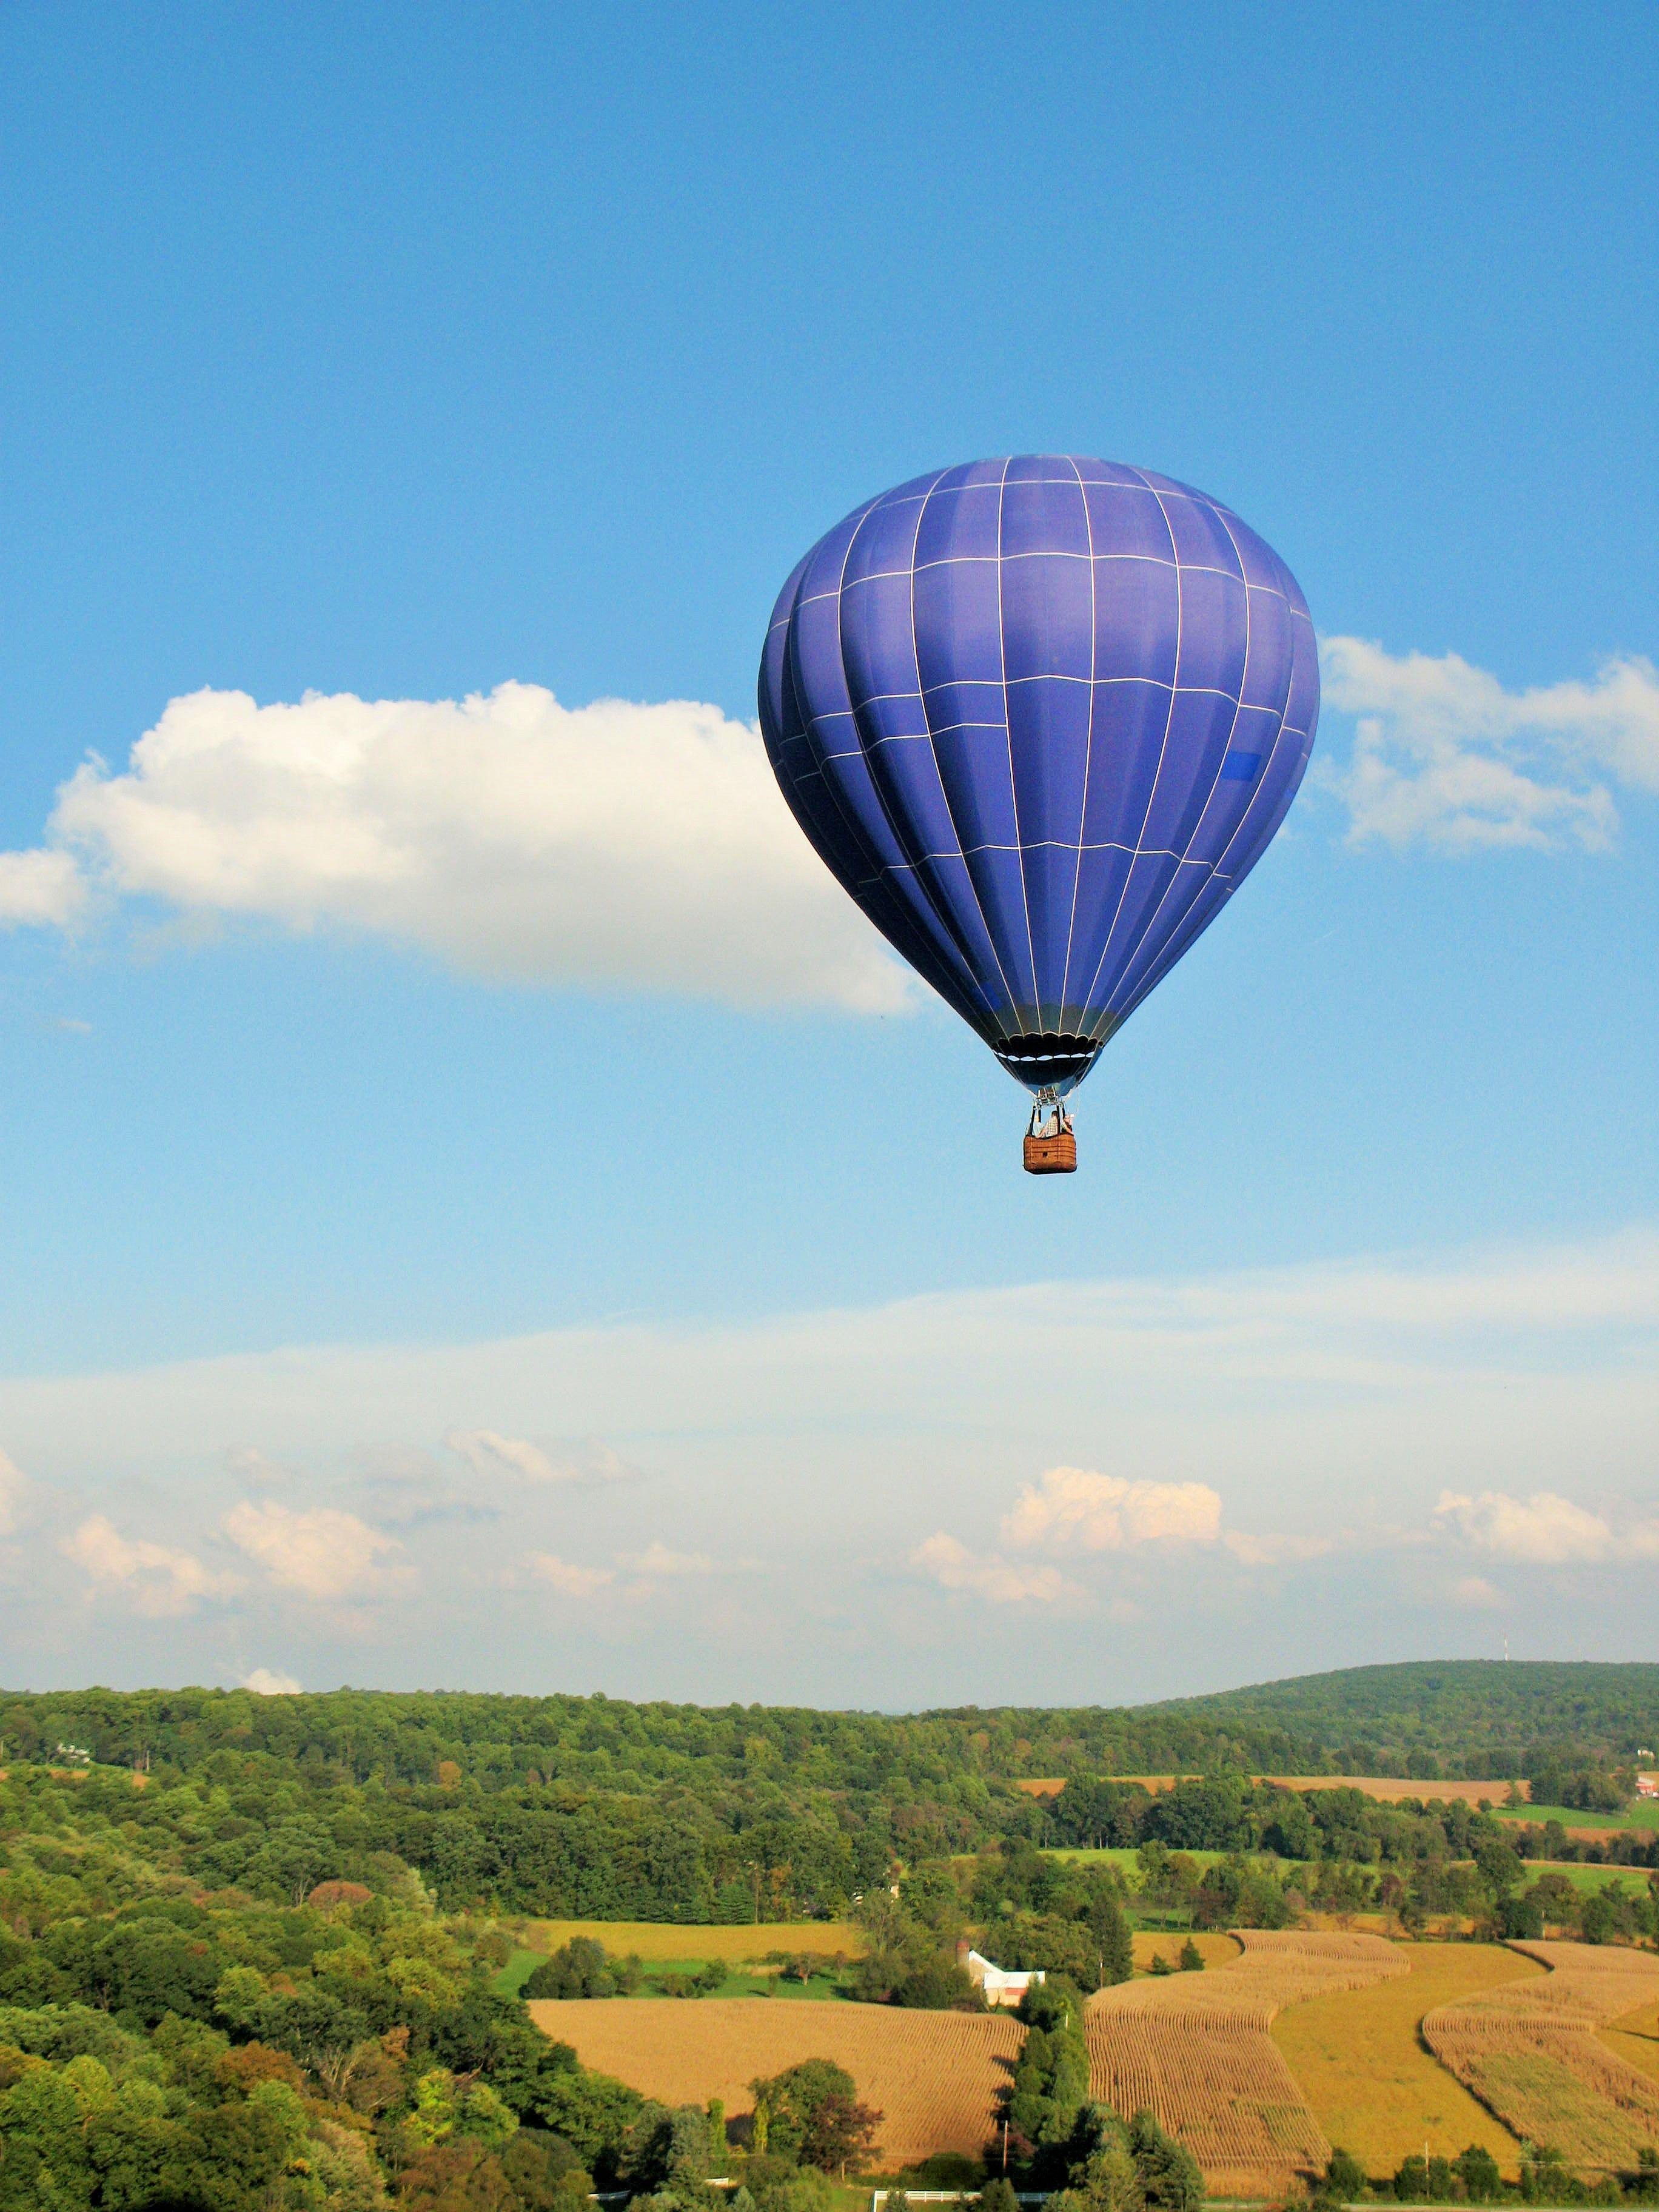 The United States Hot Air Balloon Team Hot Air Balloon